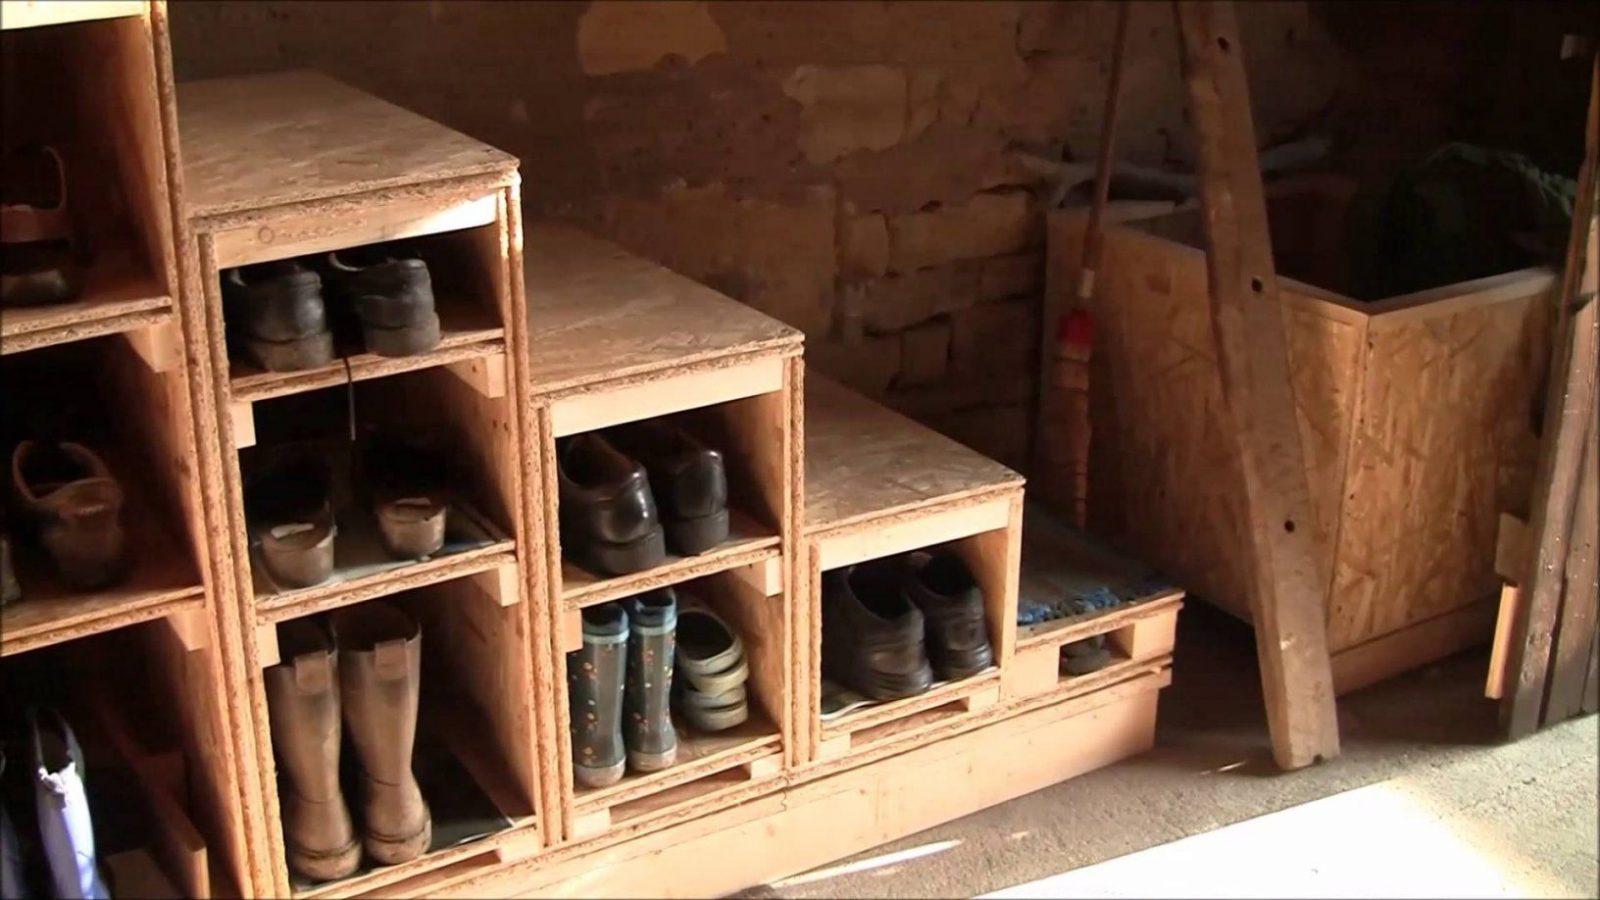 Treppe Selber Bauen Aus Osbverlegeplatten  Youtube von Kleine Holztreppe Selber Bauen Bild